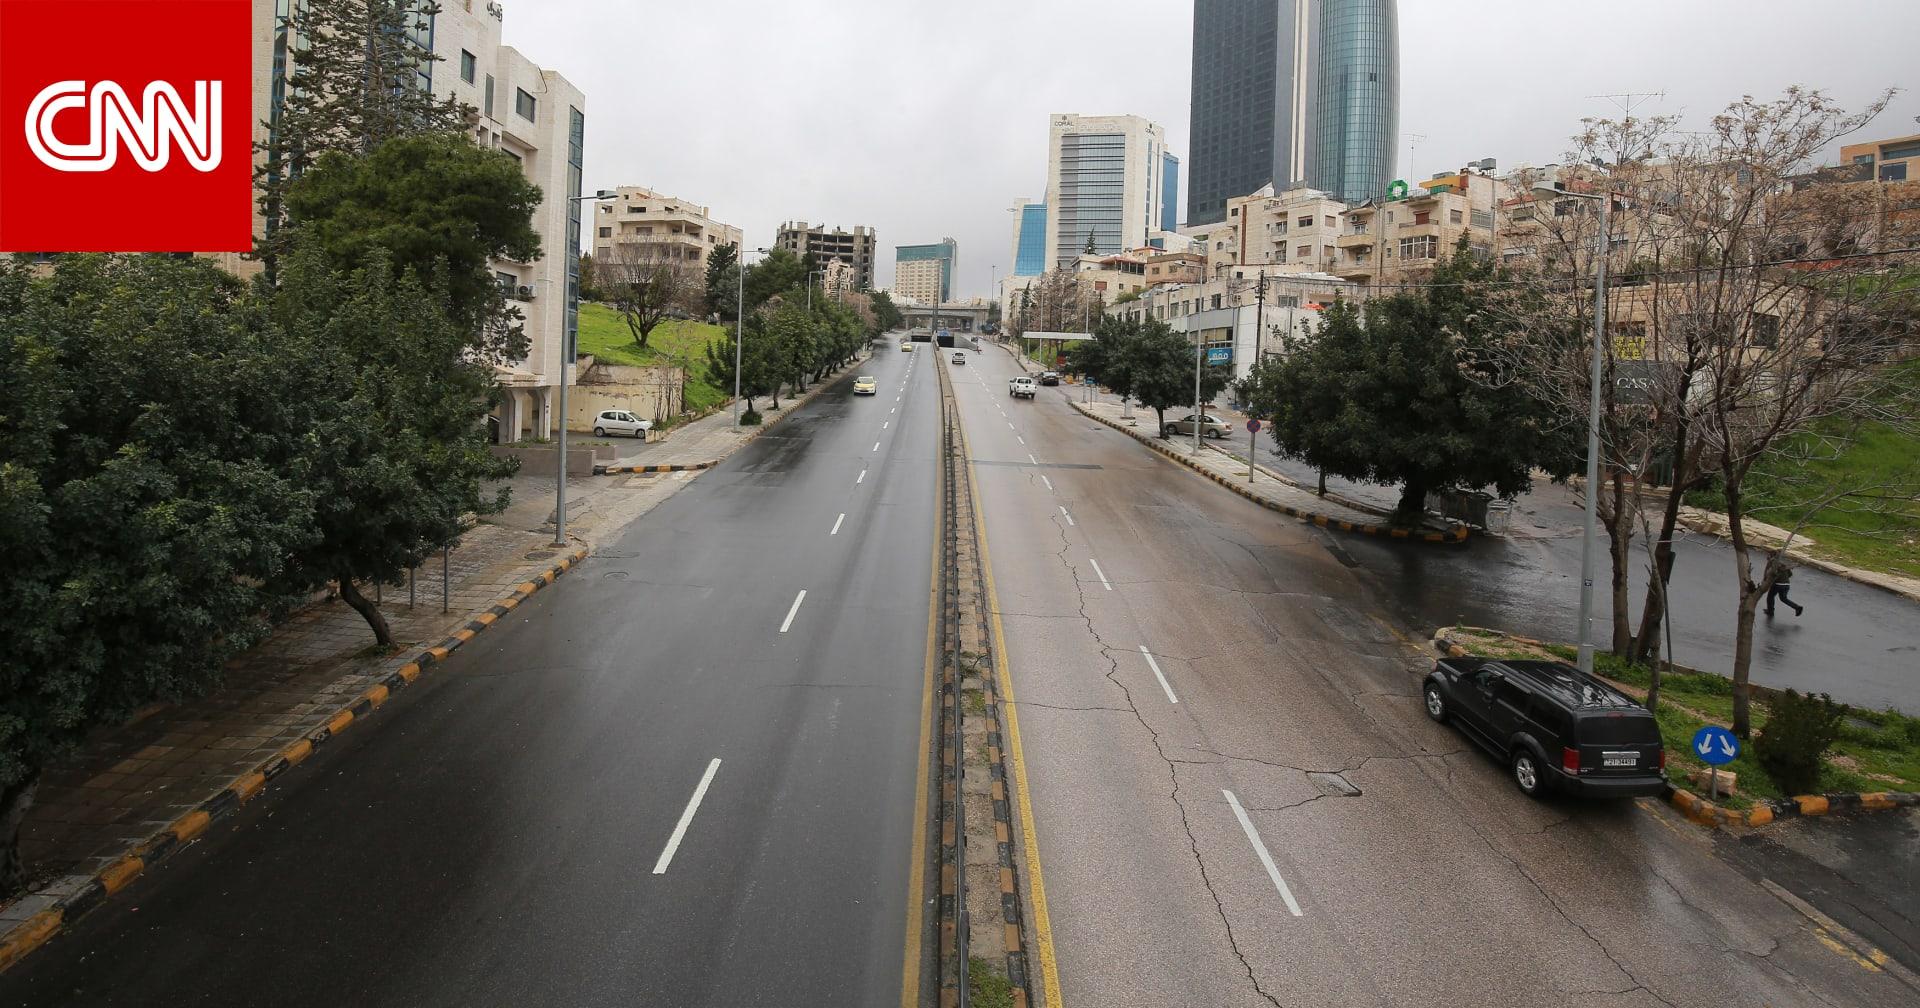 انقطاع كهربائي في مستشفى لمرضى كورونا في الأردن.. والتحقيق بتسبب الحادثة بحالة وفاة